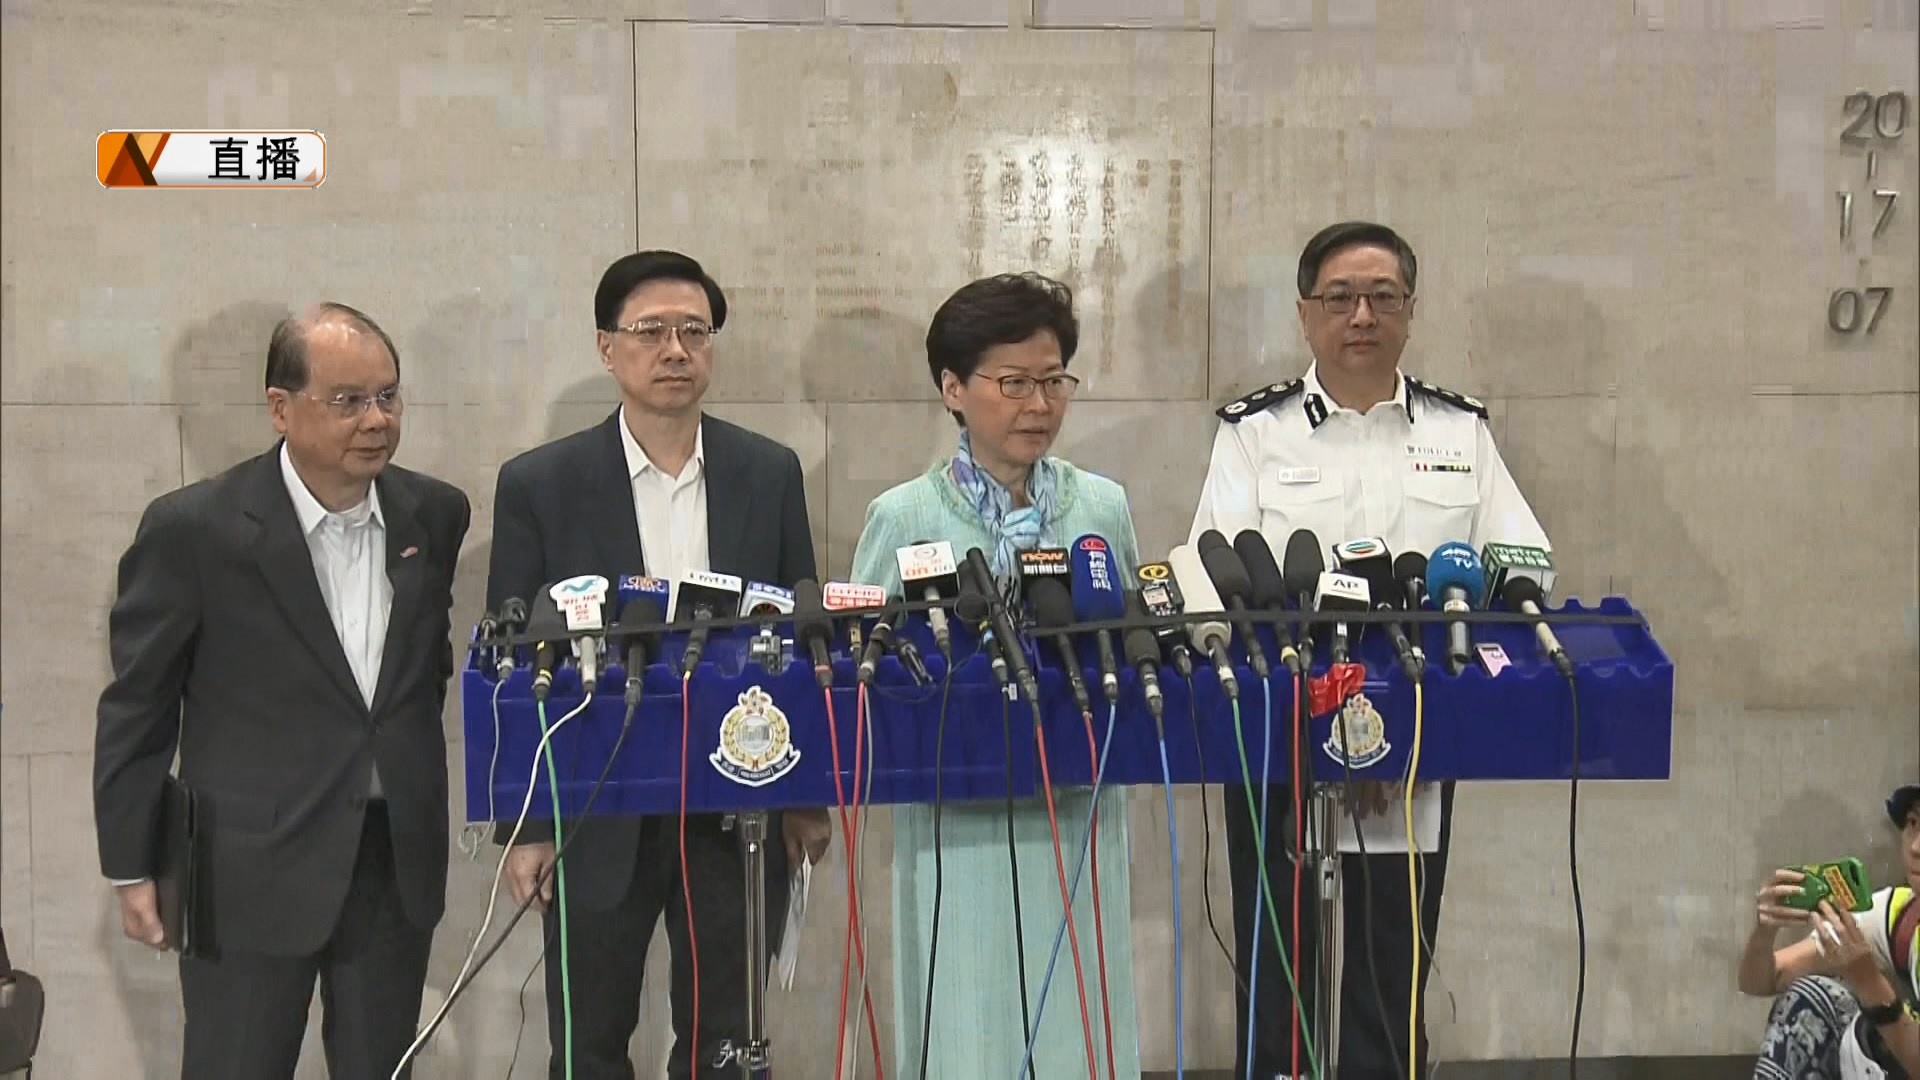 【最新】林鄭:強烈譴責立法會衝擊事件